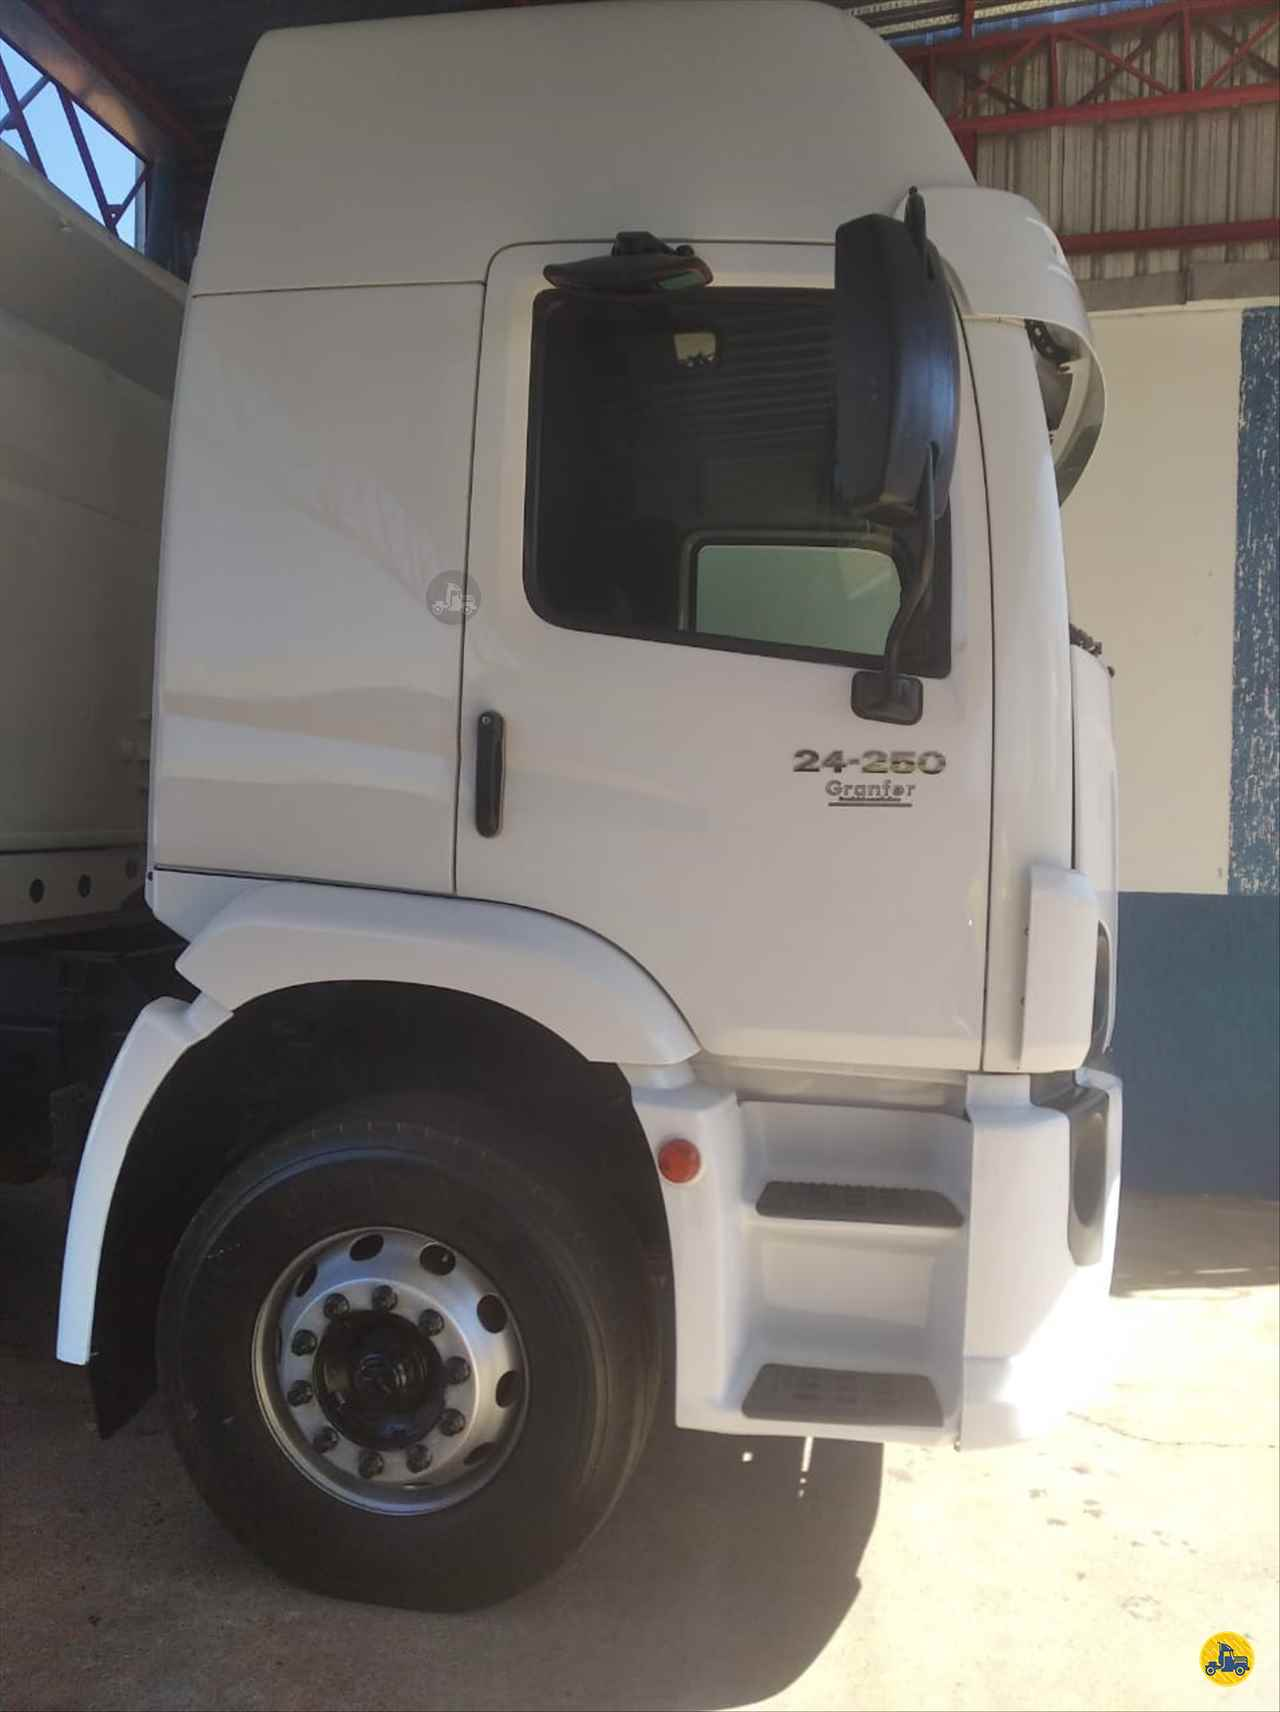 CAMINHAO VOLKSWAGEN VW 24250 Caçamba Basculante Truck 6x2 Barbosa Caminhões LINS SÃO PAULO SP